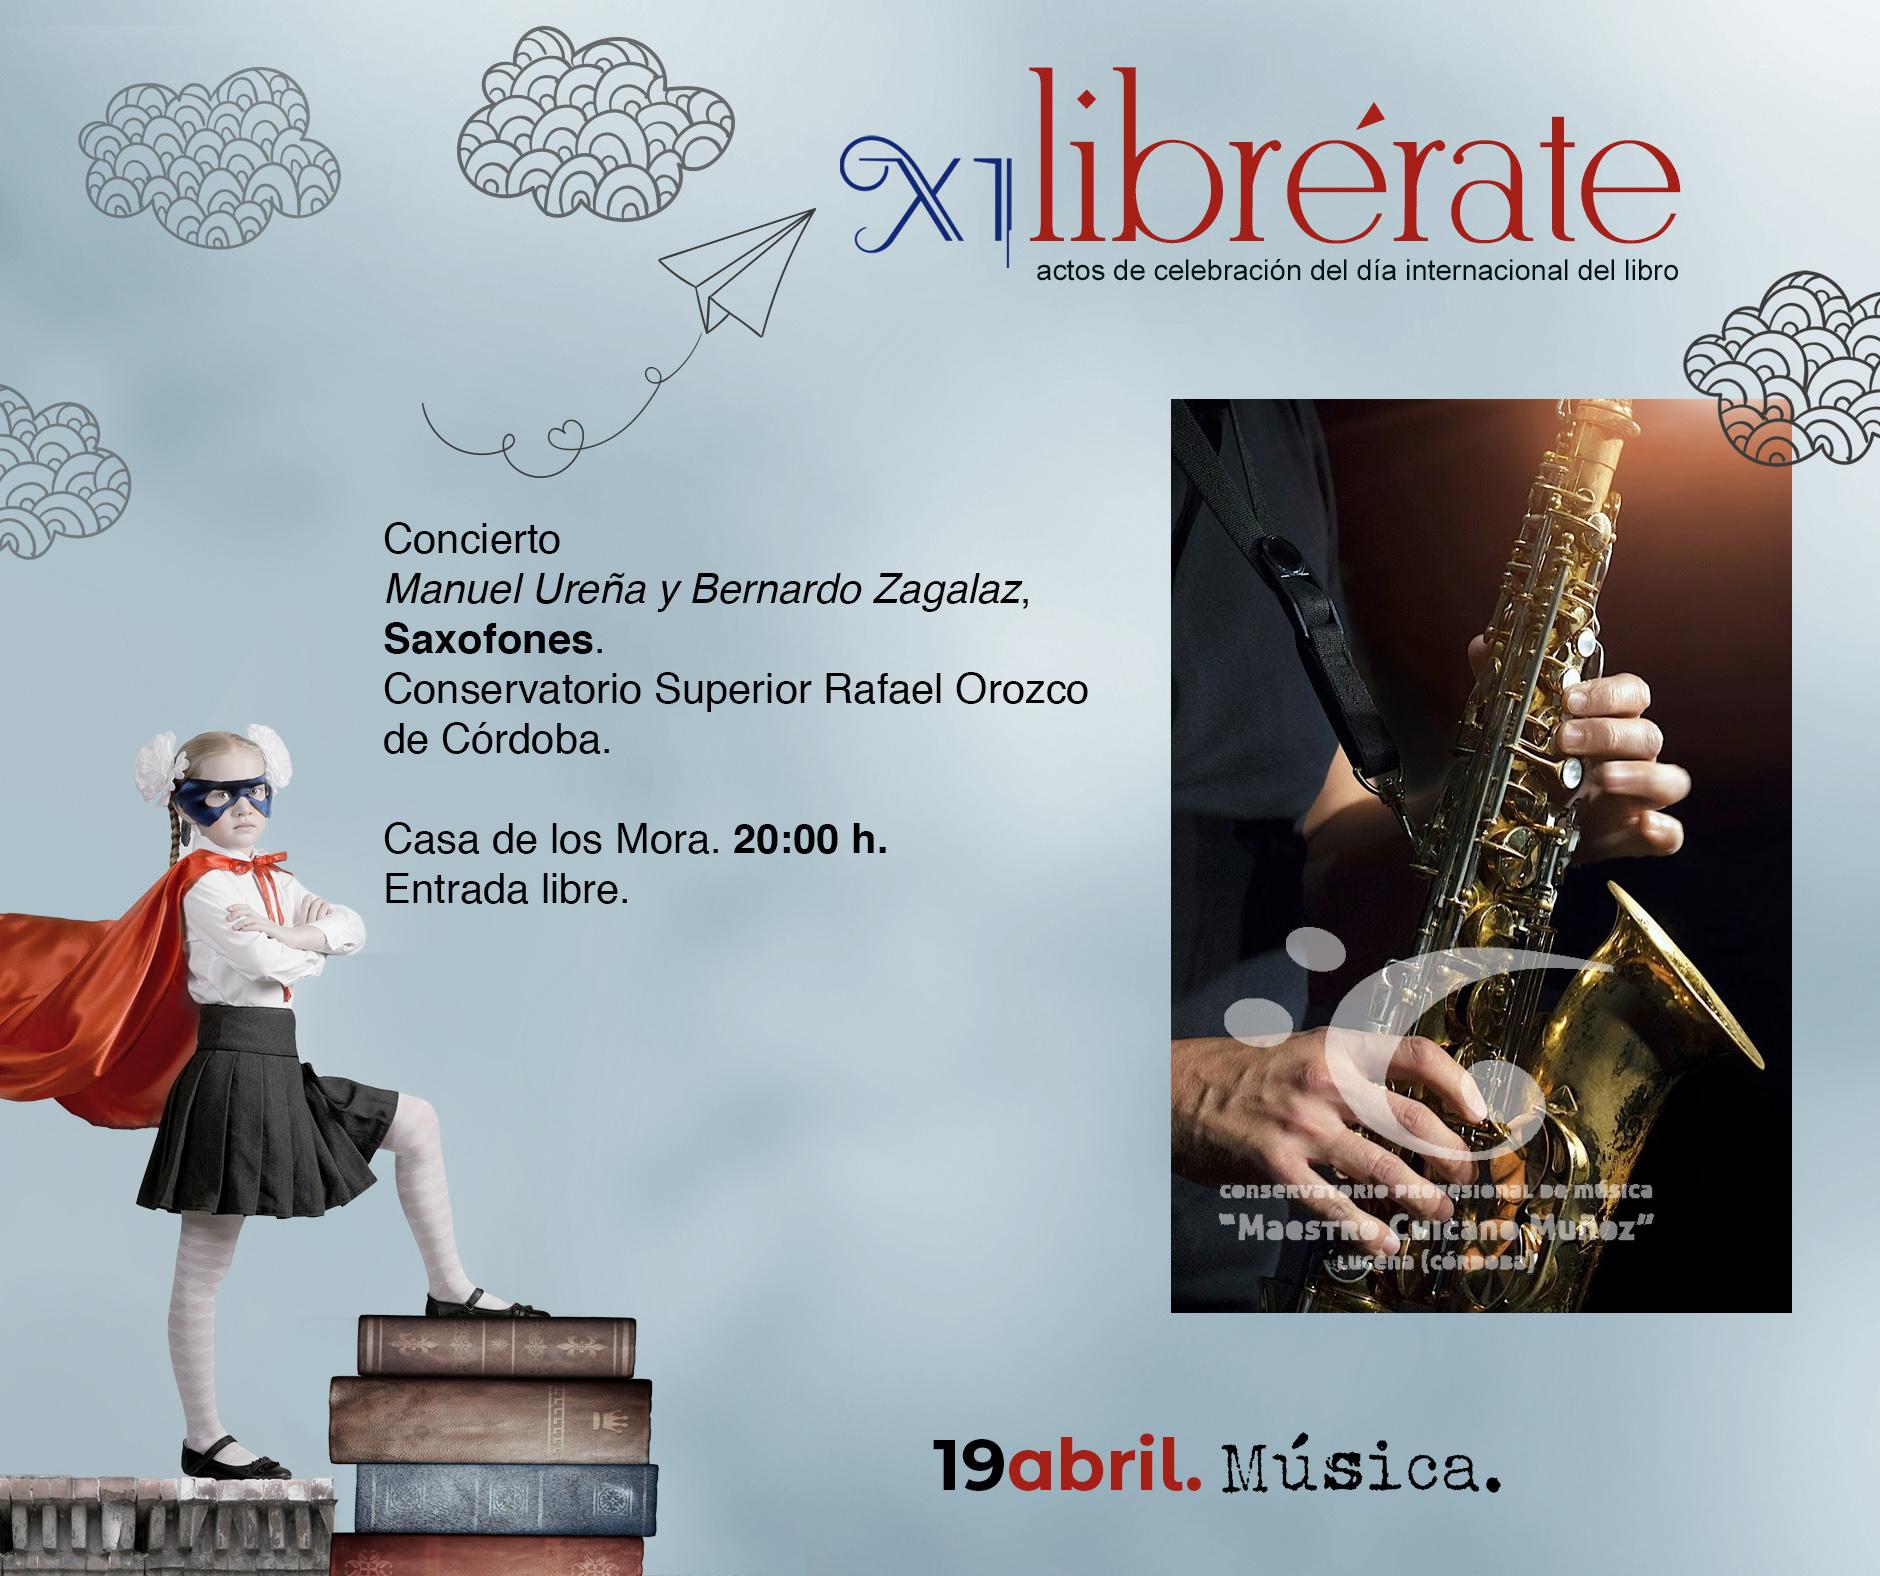 Concierto  Manuel Ureña y Bernardo Zagalaz, Saxofones @ Casa de los Mora